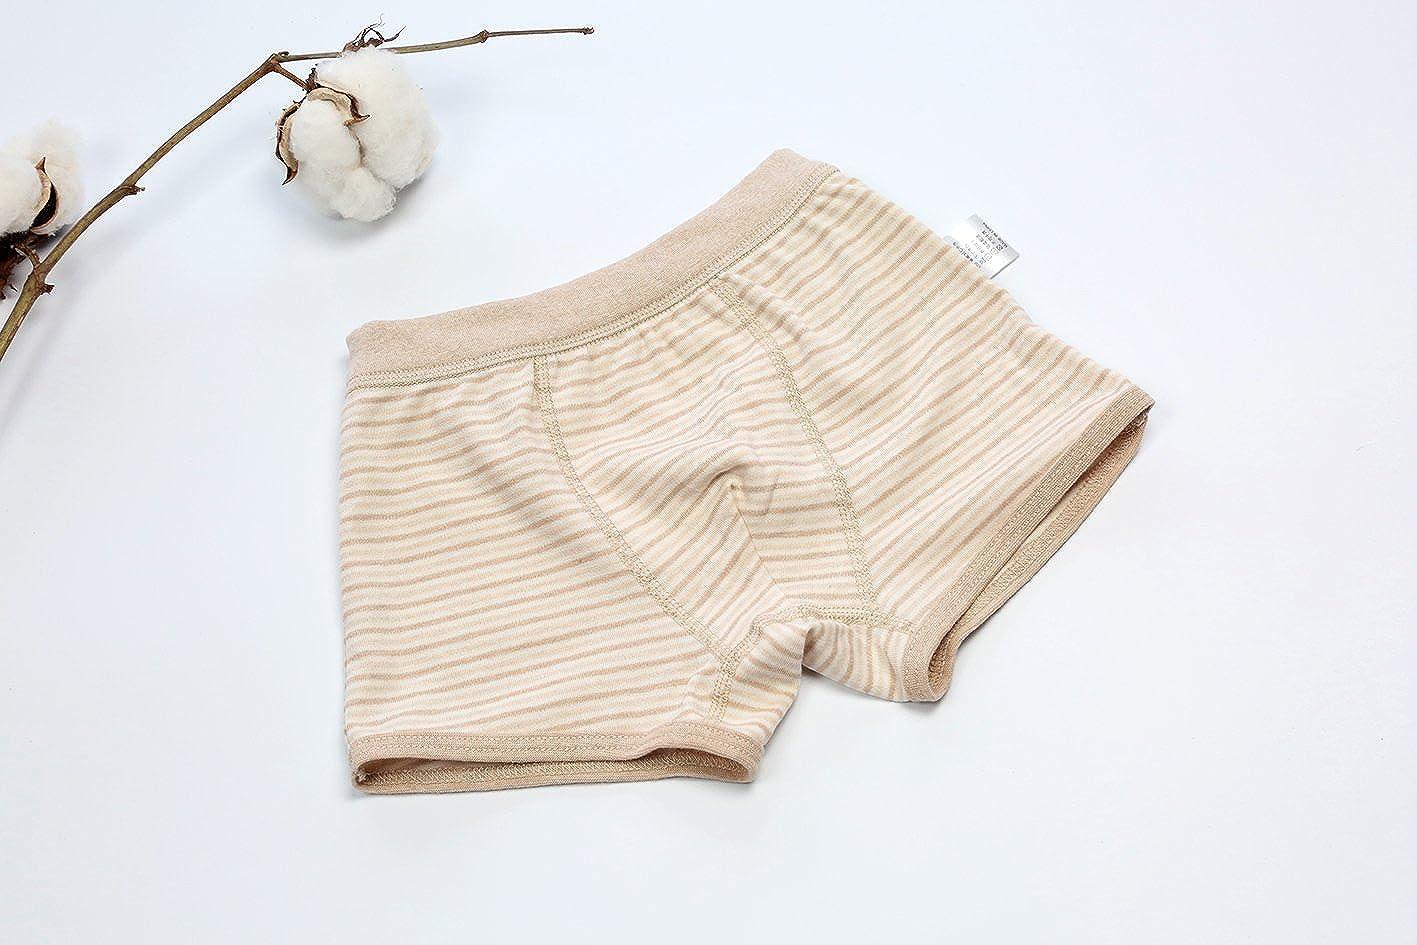 GZMM Toddler Kids Boys Boxer Briefs Underwear Organic Cotton 3 Pack